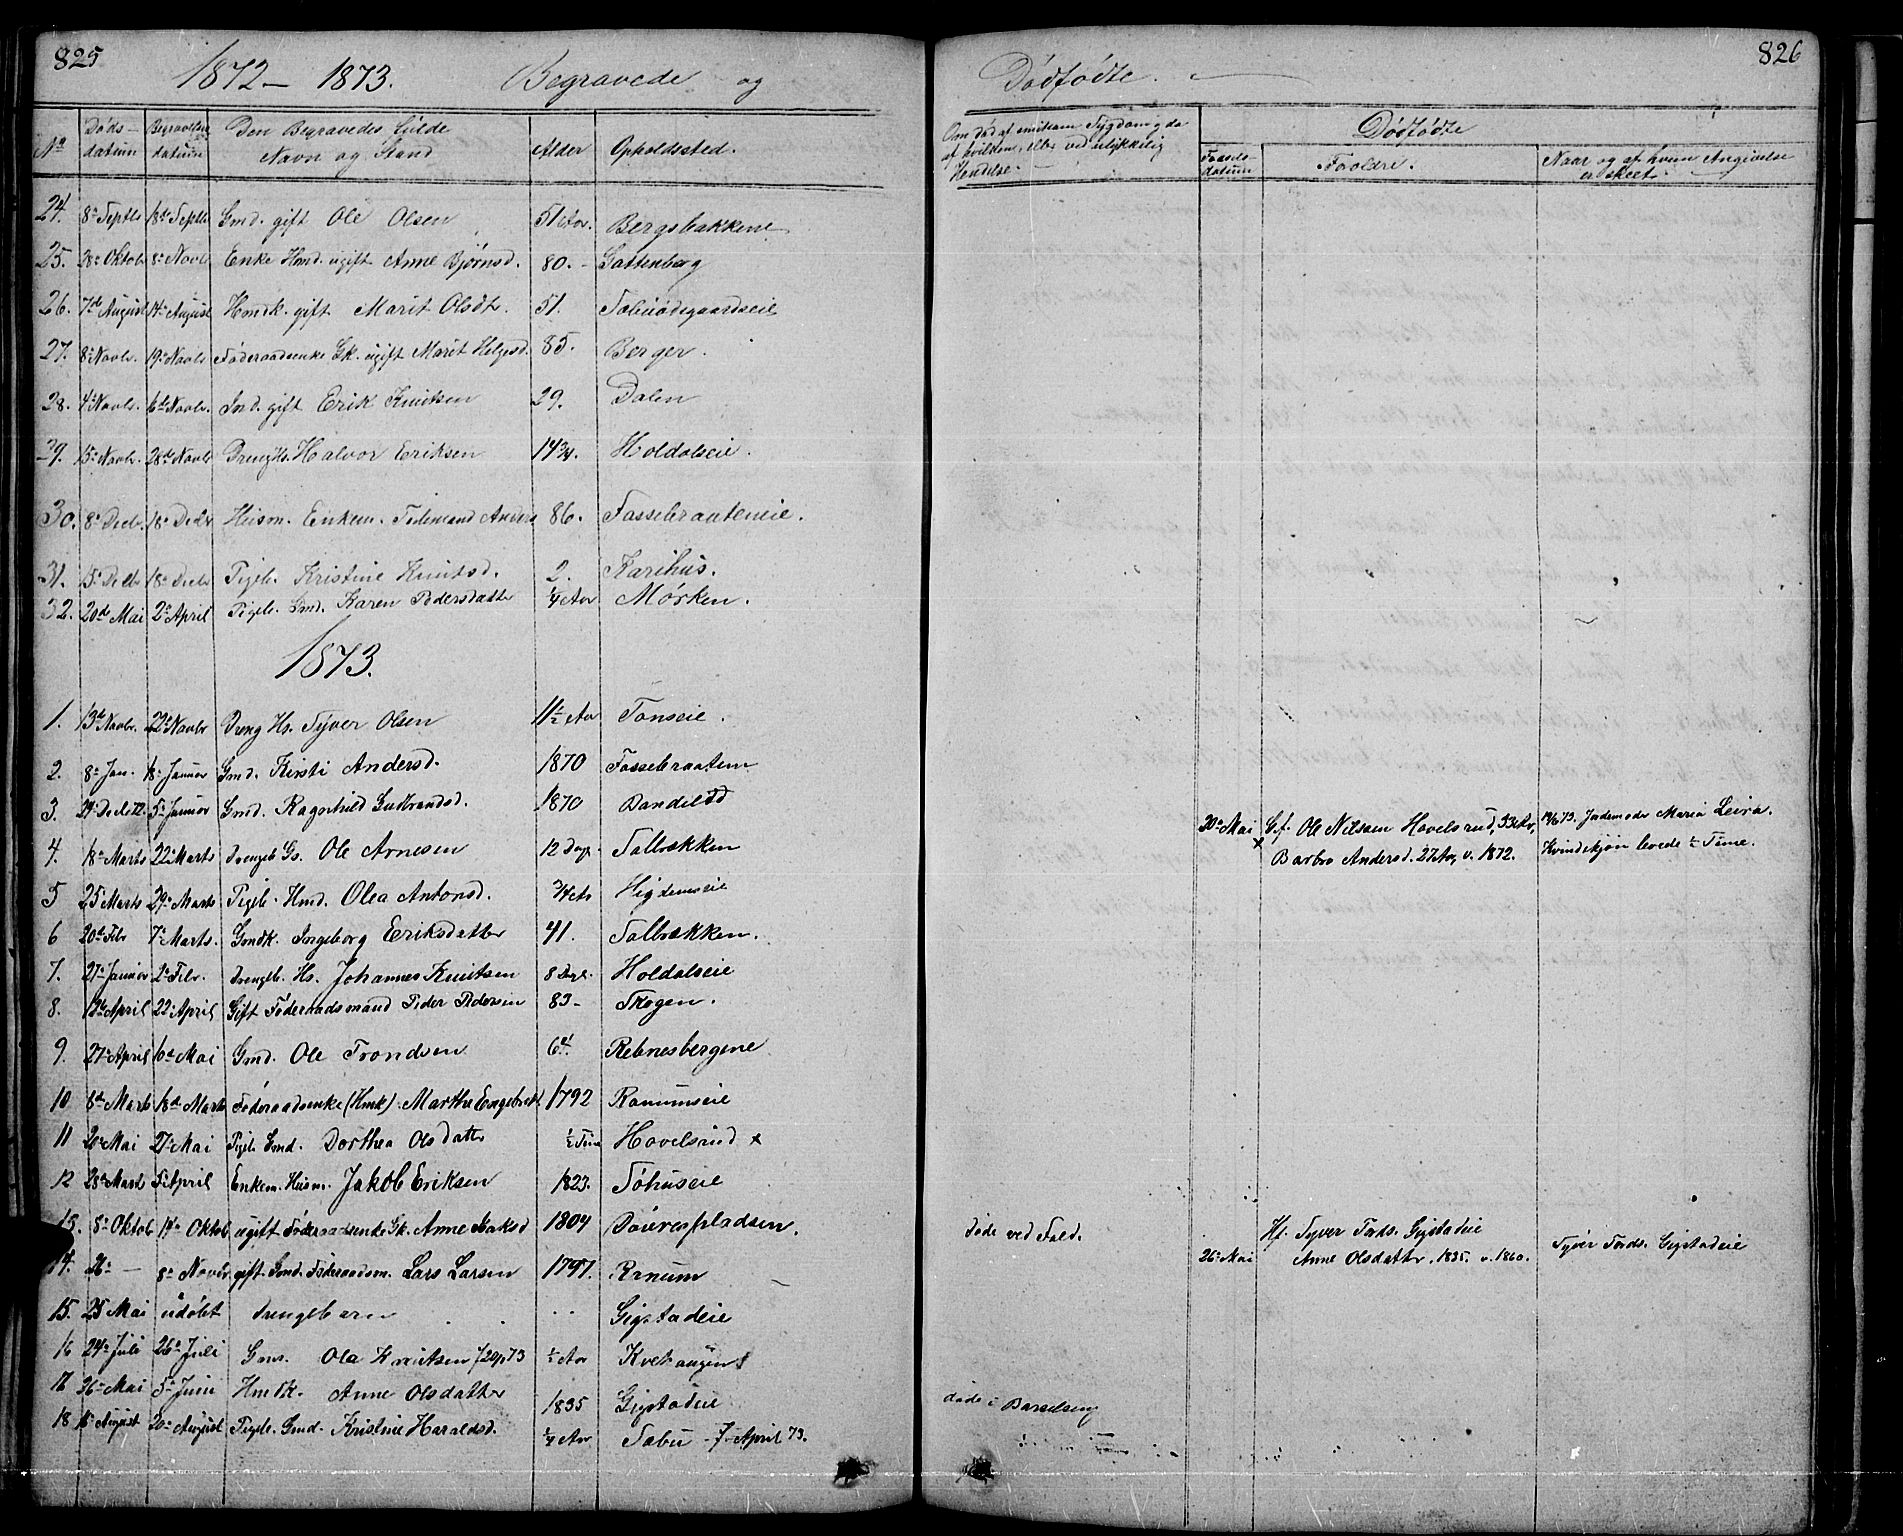 SAH, Nord-Aurdal prestekontor, Klokkerbok nr. 1, 1834-1887, s. 825-826